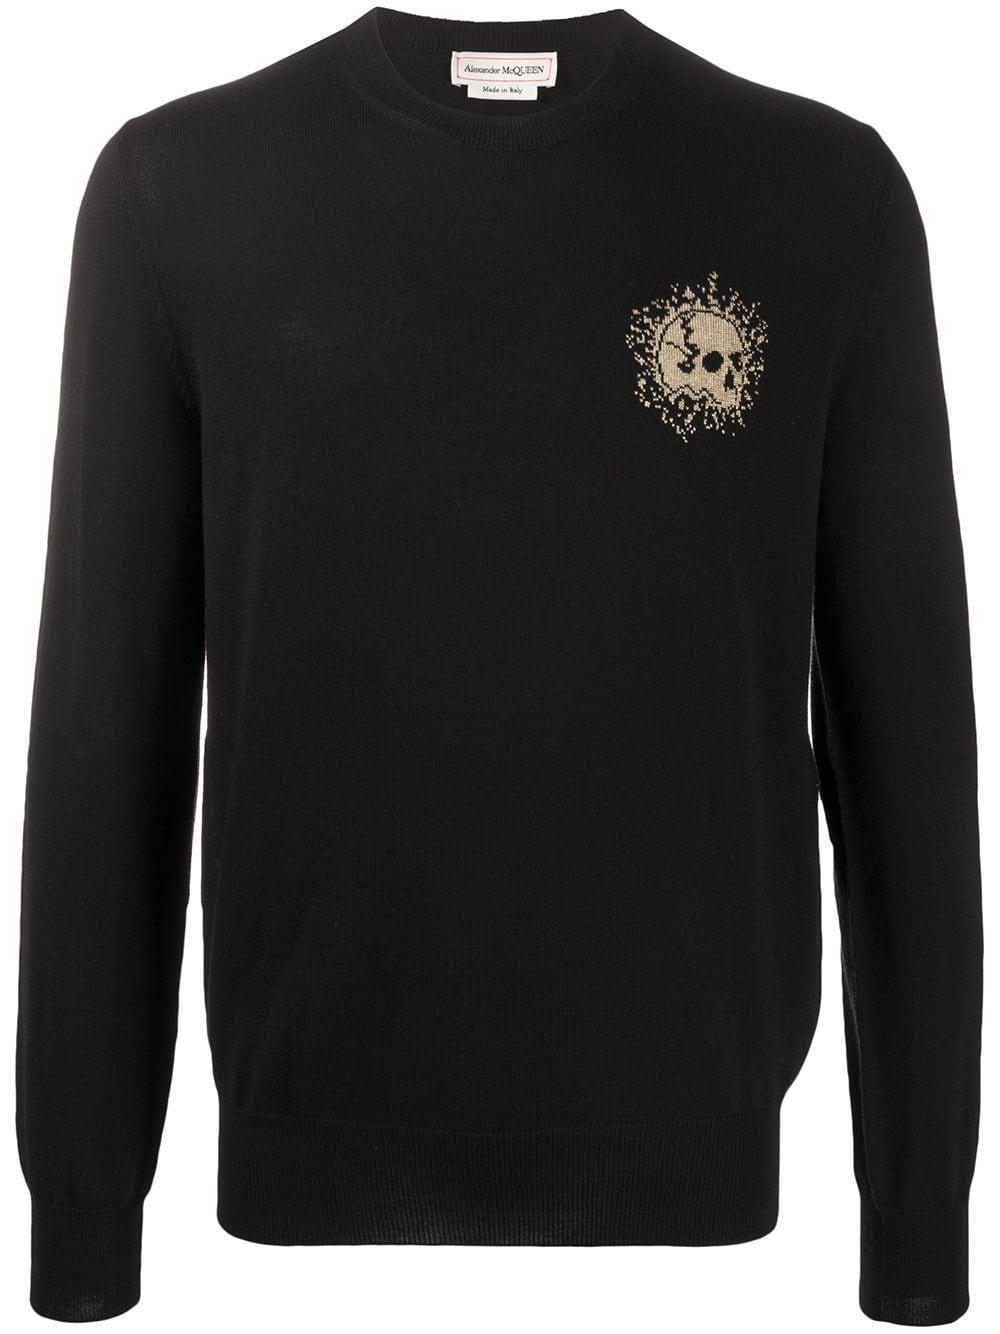 Alexander McQueen Sweatshirt mit Totenkopf-Print - Schwarz